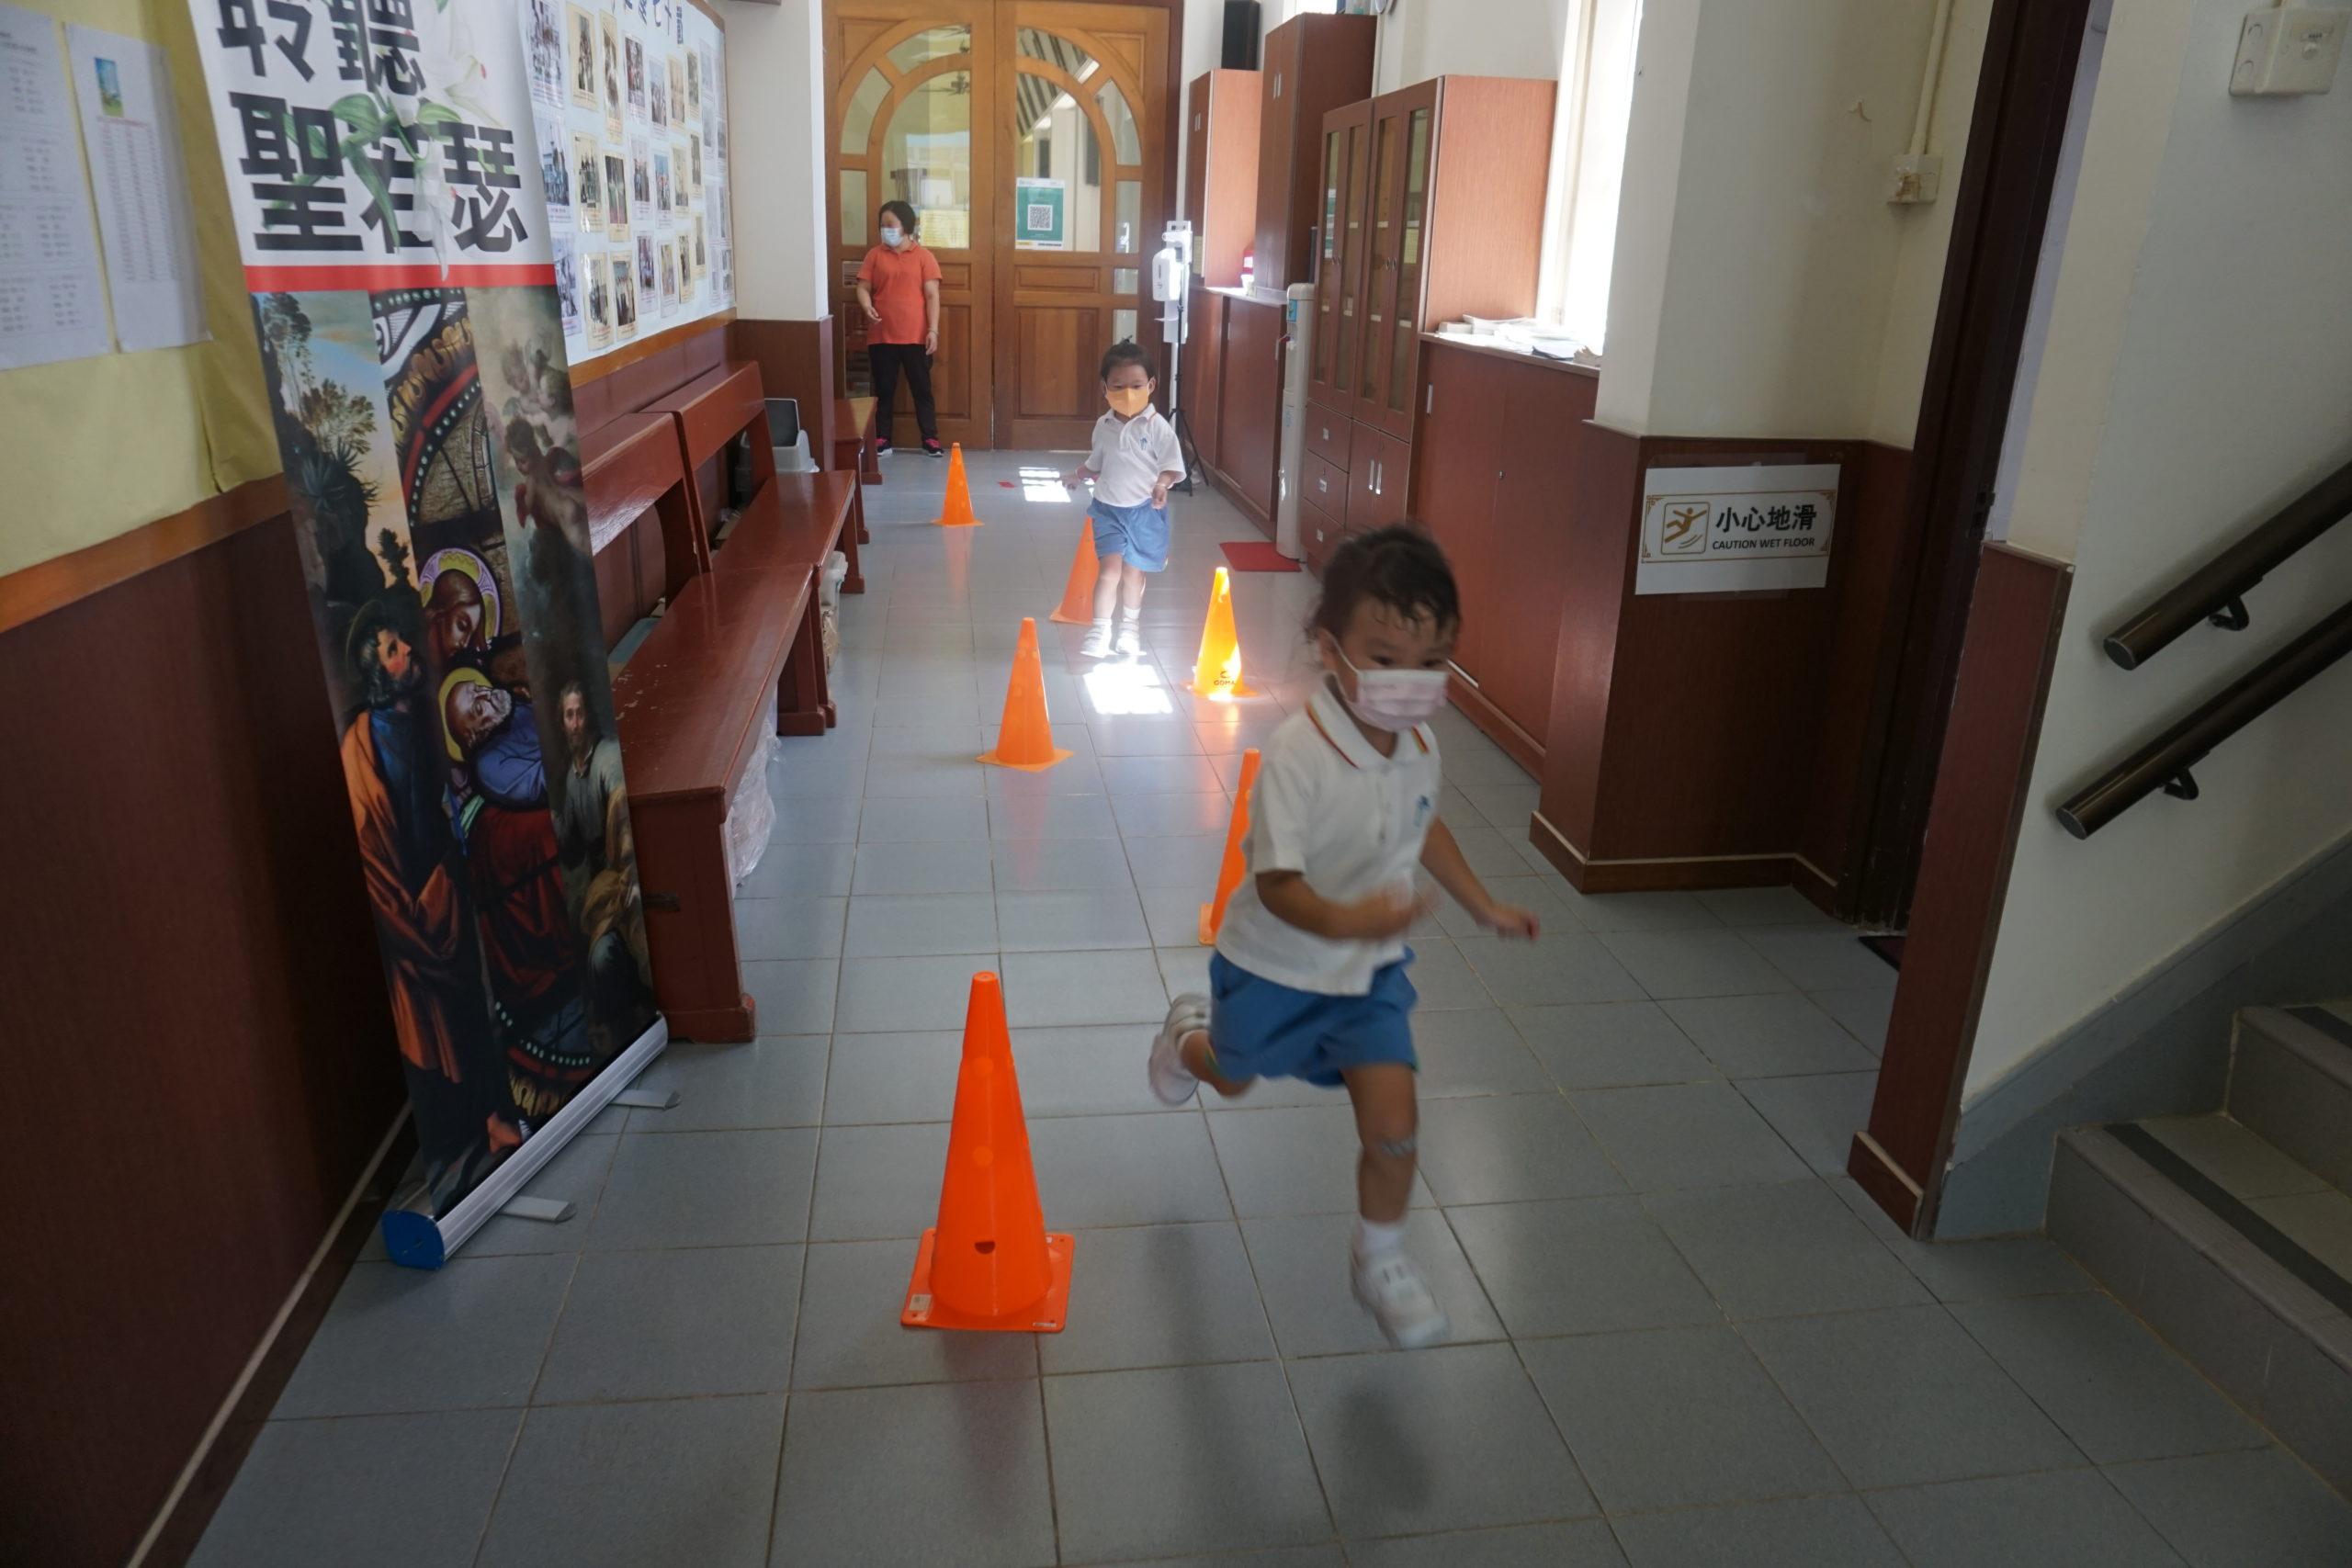 (20-21年度)2021-7-6–校內小型運動會